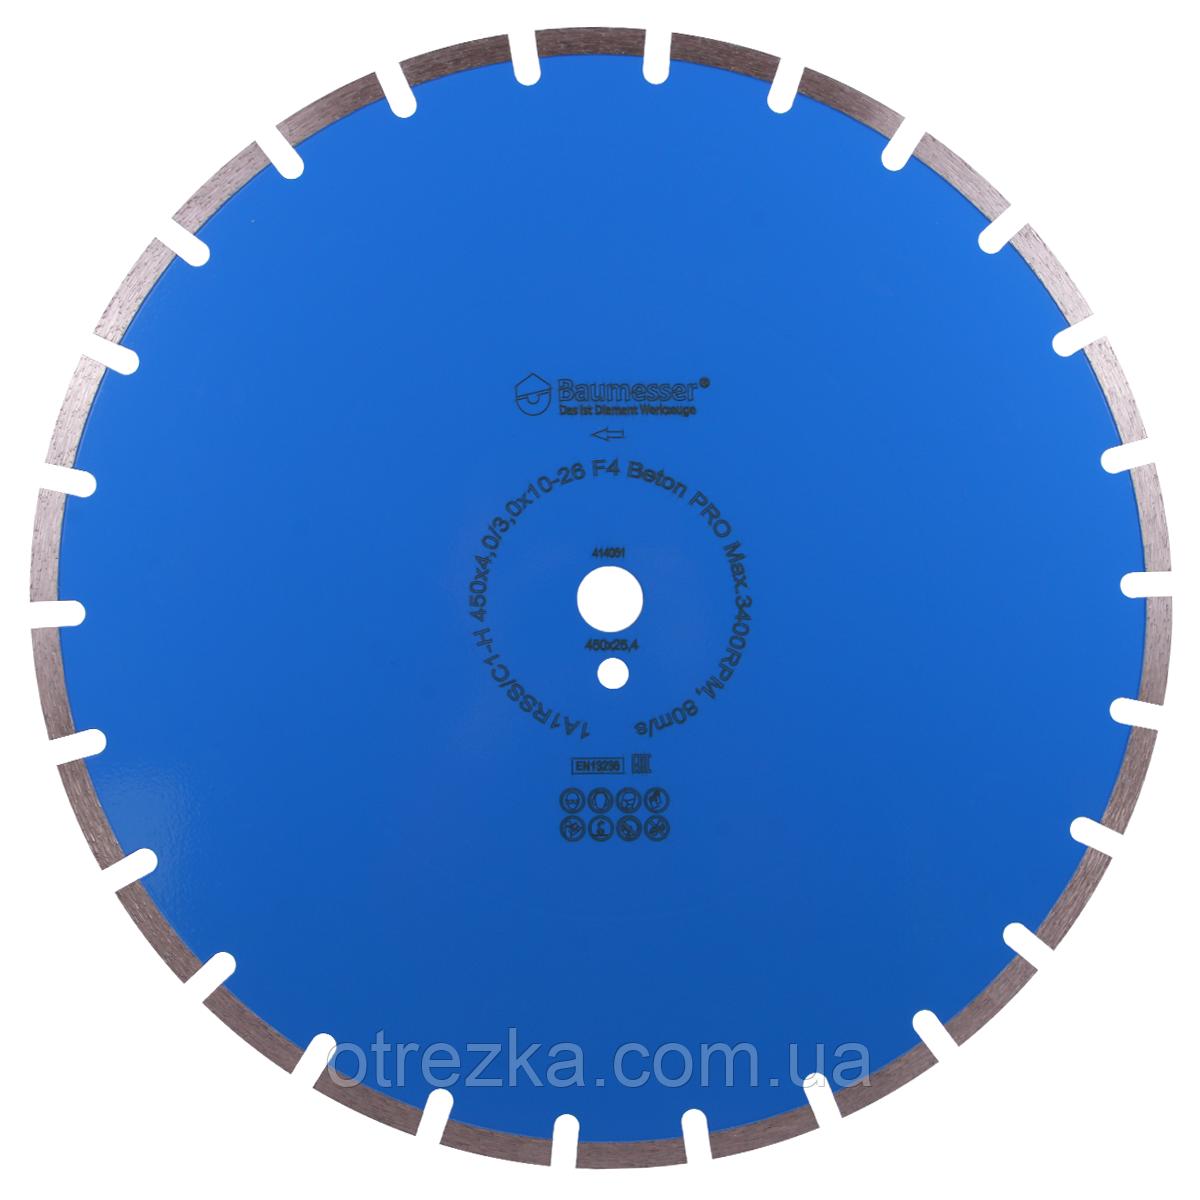 Круг алмазный отрезной 1A1RSS/C1-H 450x4,0/3,0x10x25,4-26 F4 Baumesser Beton PRO